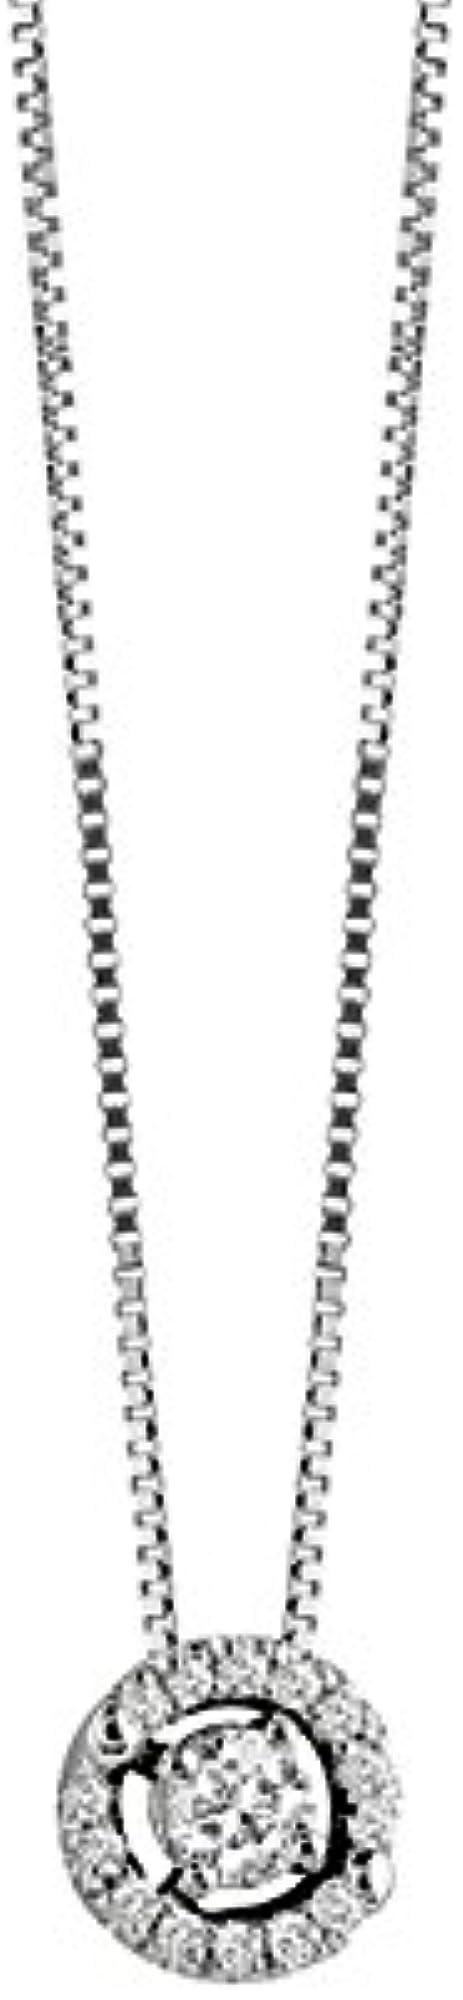 Salvini ,collana in oro bianco e diamante 0, 17 ct,per donna FRP-03212